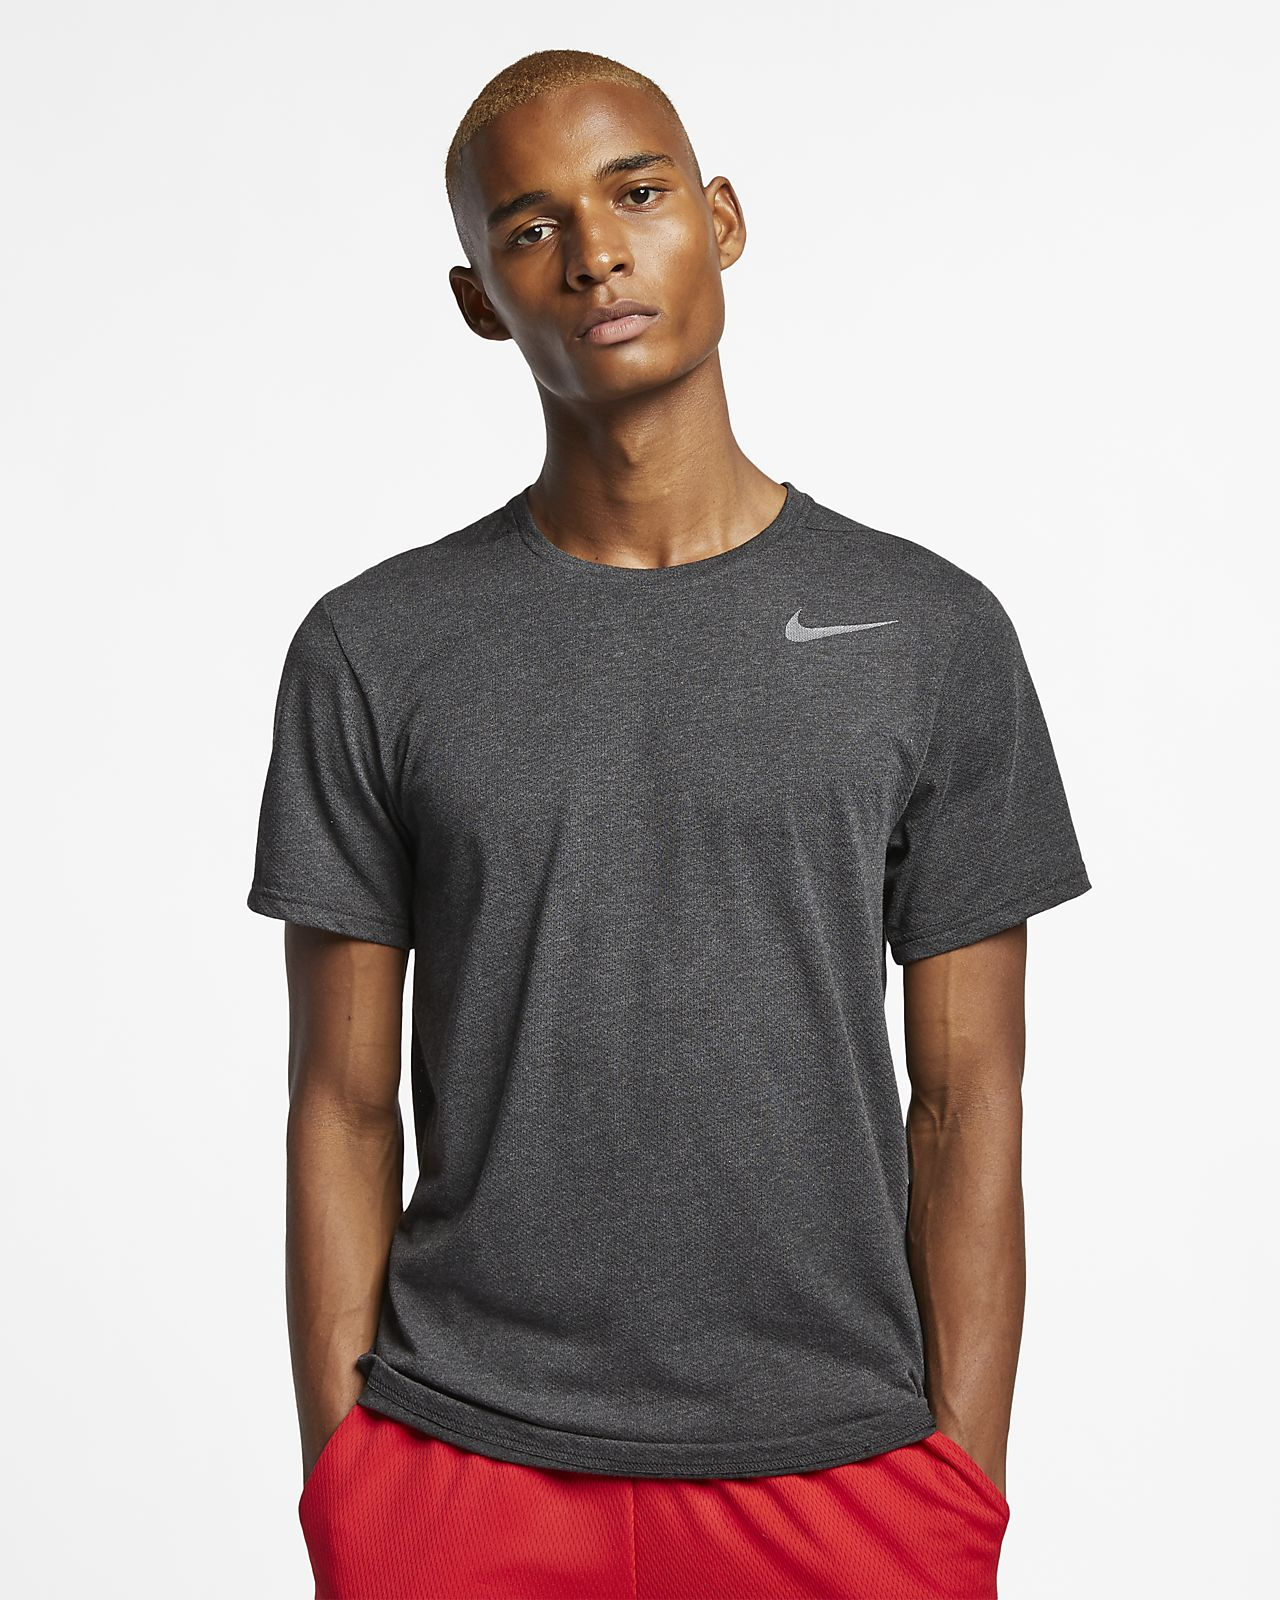 tee-shirt nike breathe running